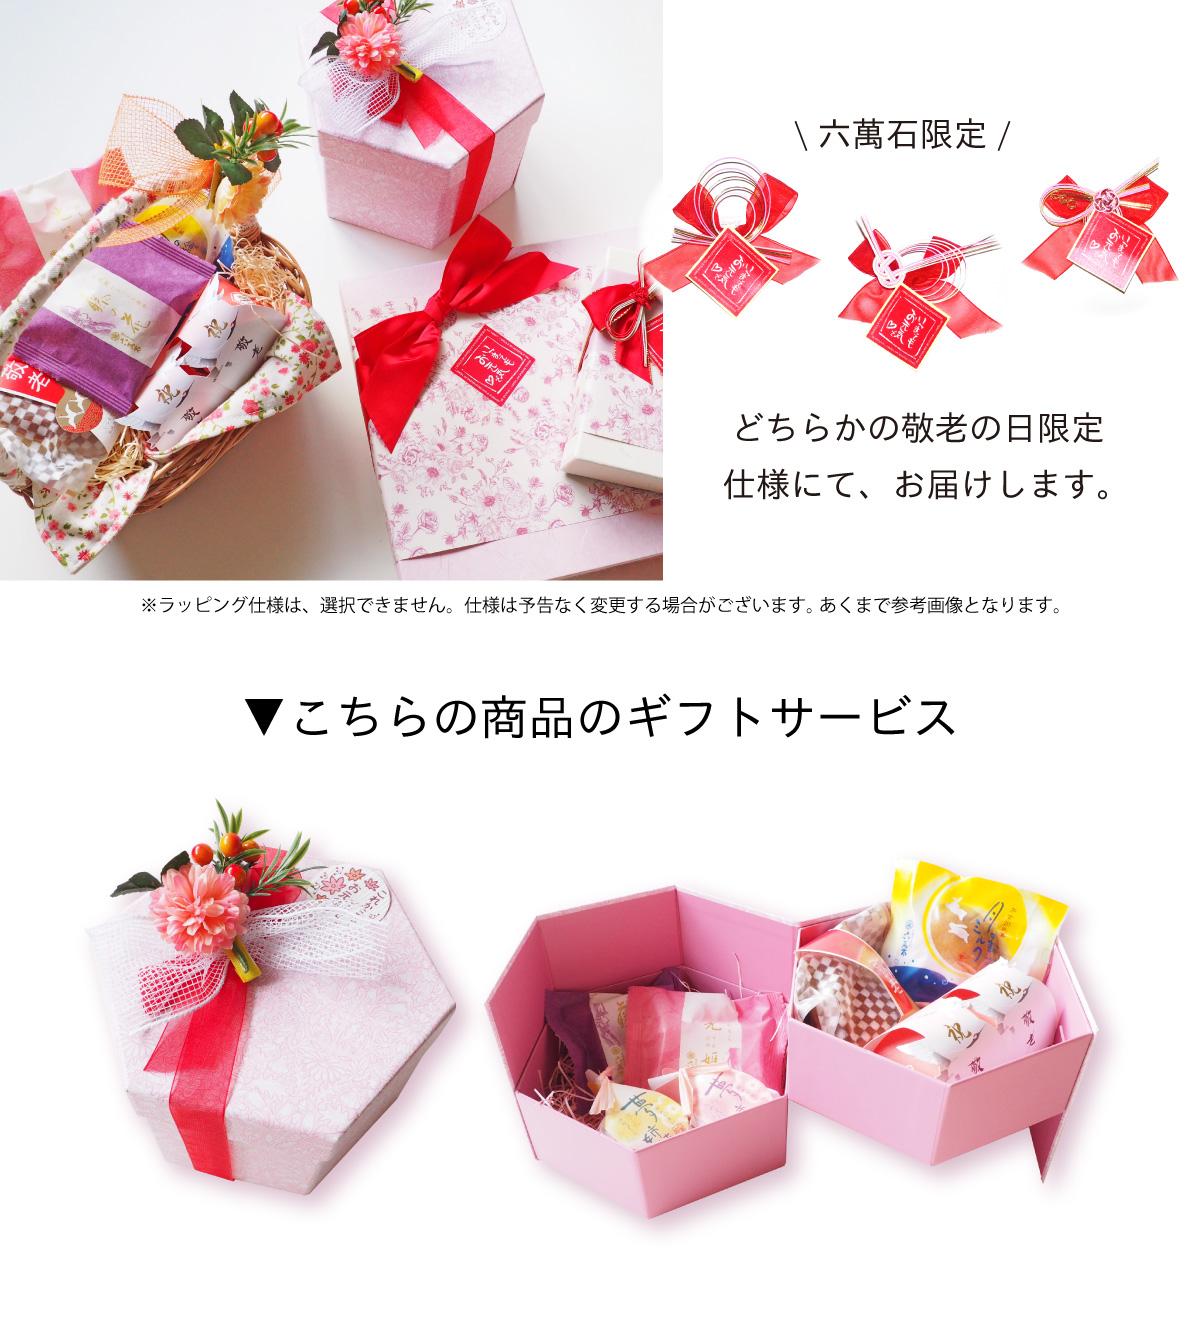 「敬老の日 _六角箱」 8種 詰め合わせ